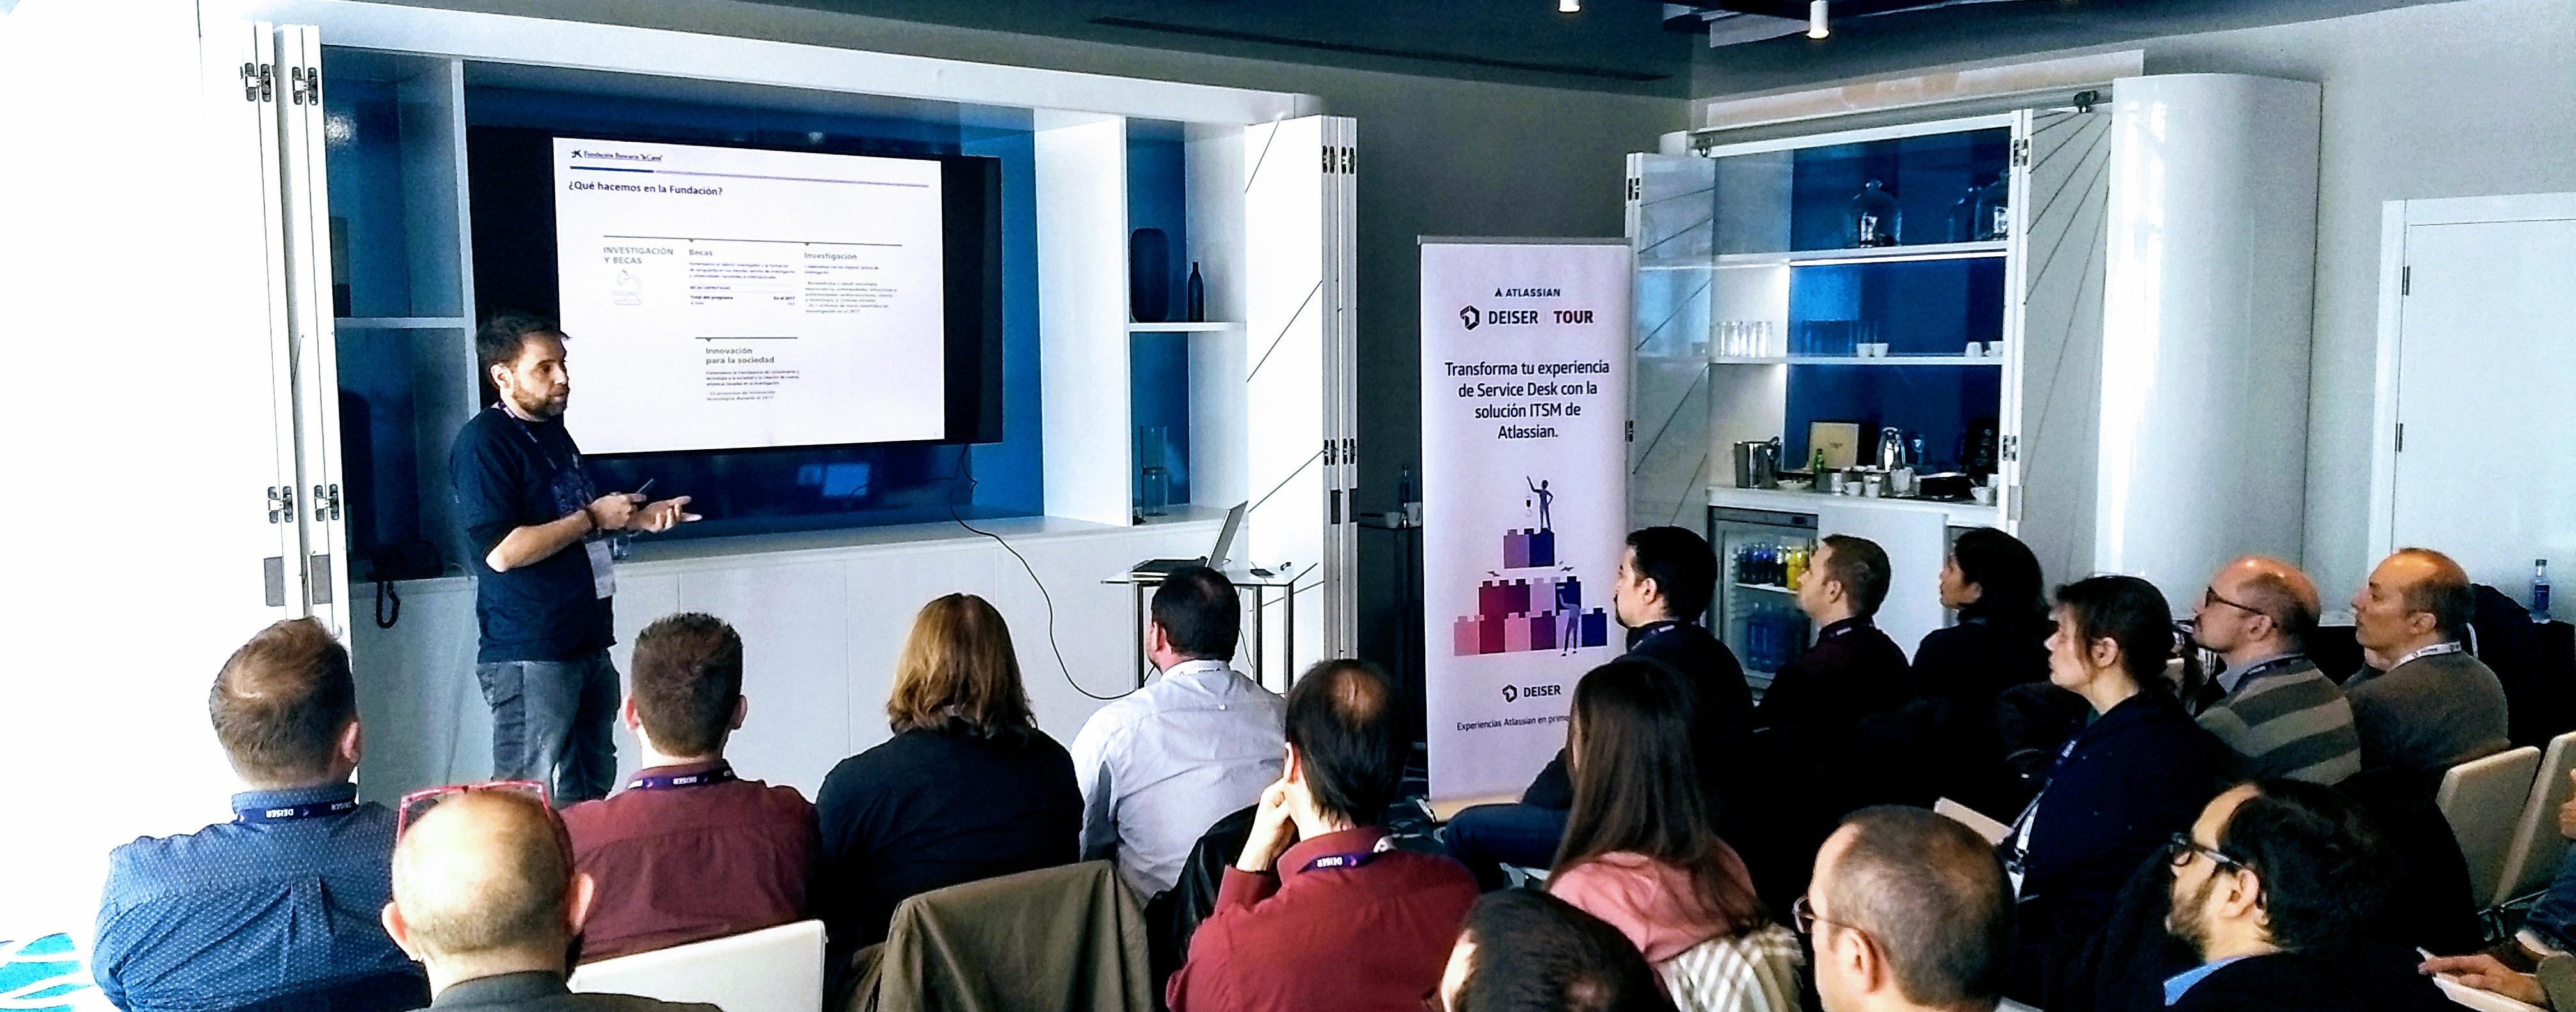 """Aitor Wehrli explica la implementación de Jira Service Desk en la Fundación Bancaria """"la Caixa"""""""